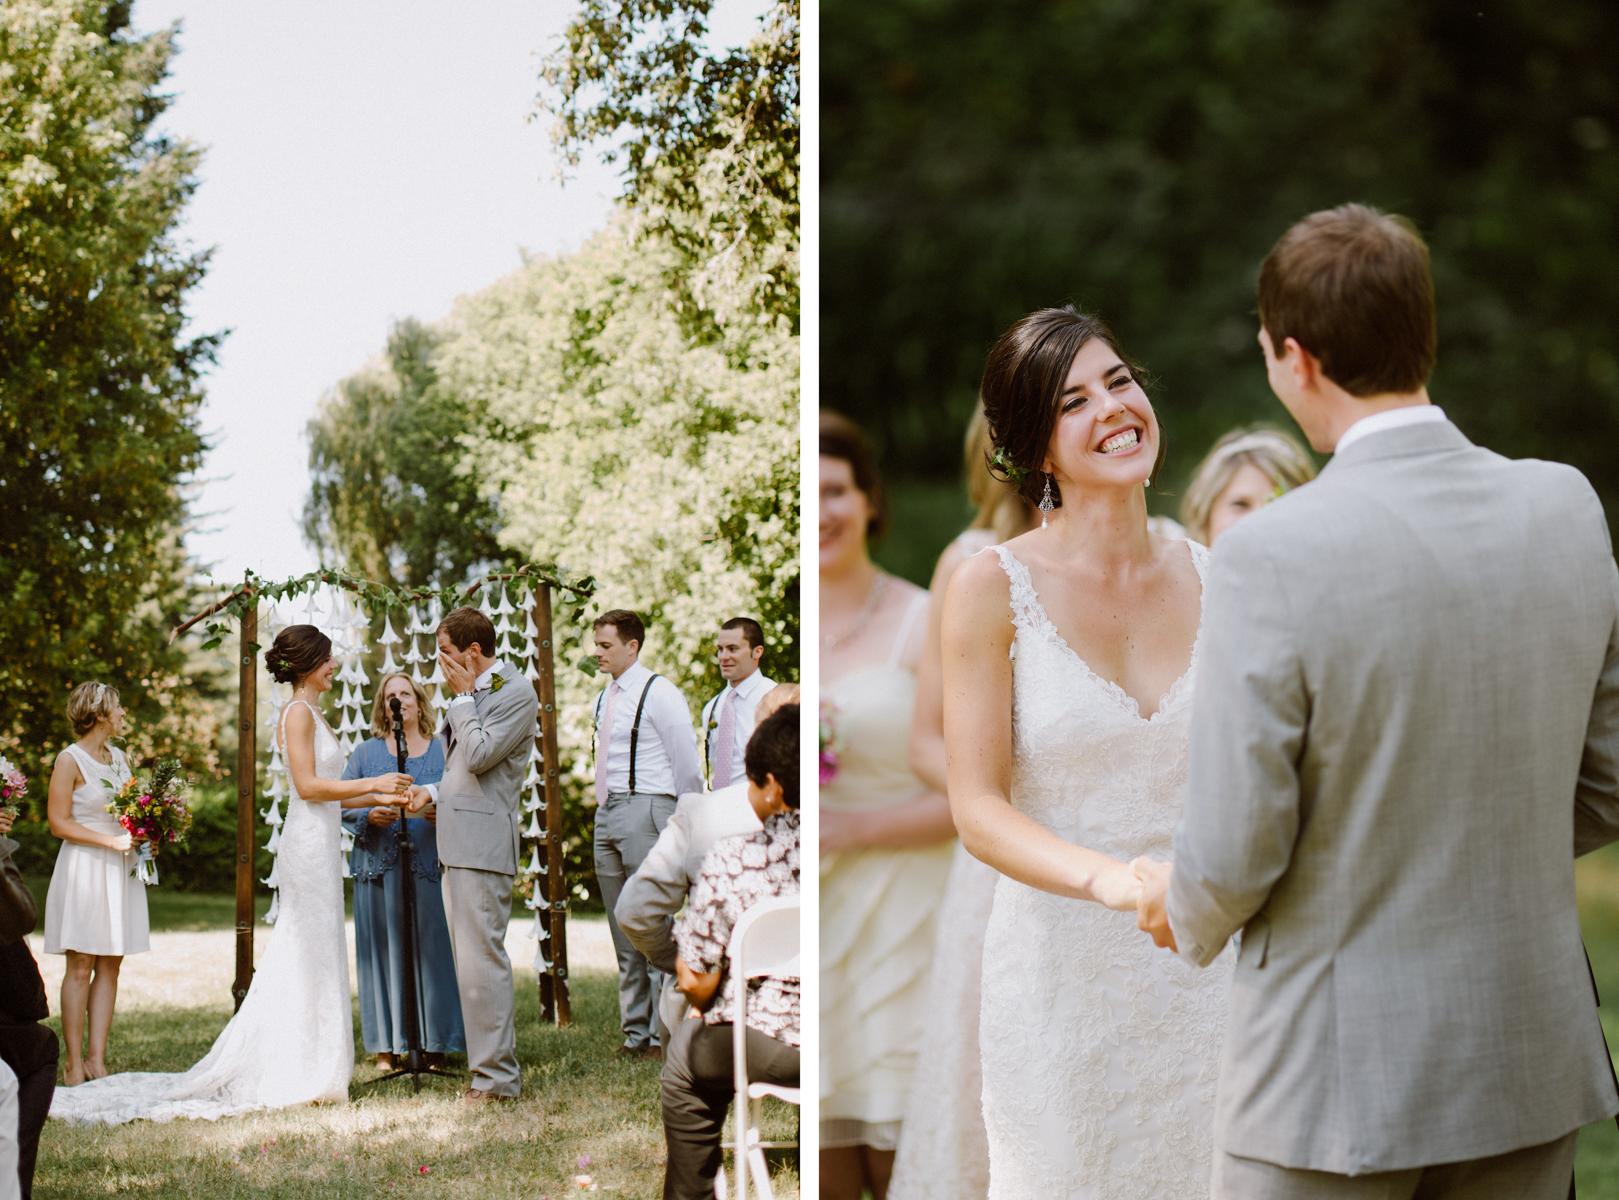 Outdoor wedding in Monte Rio, CA.